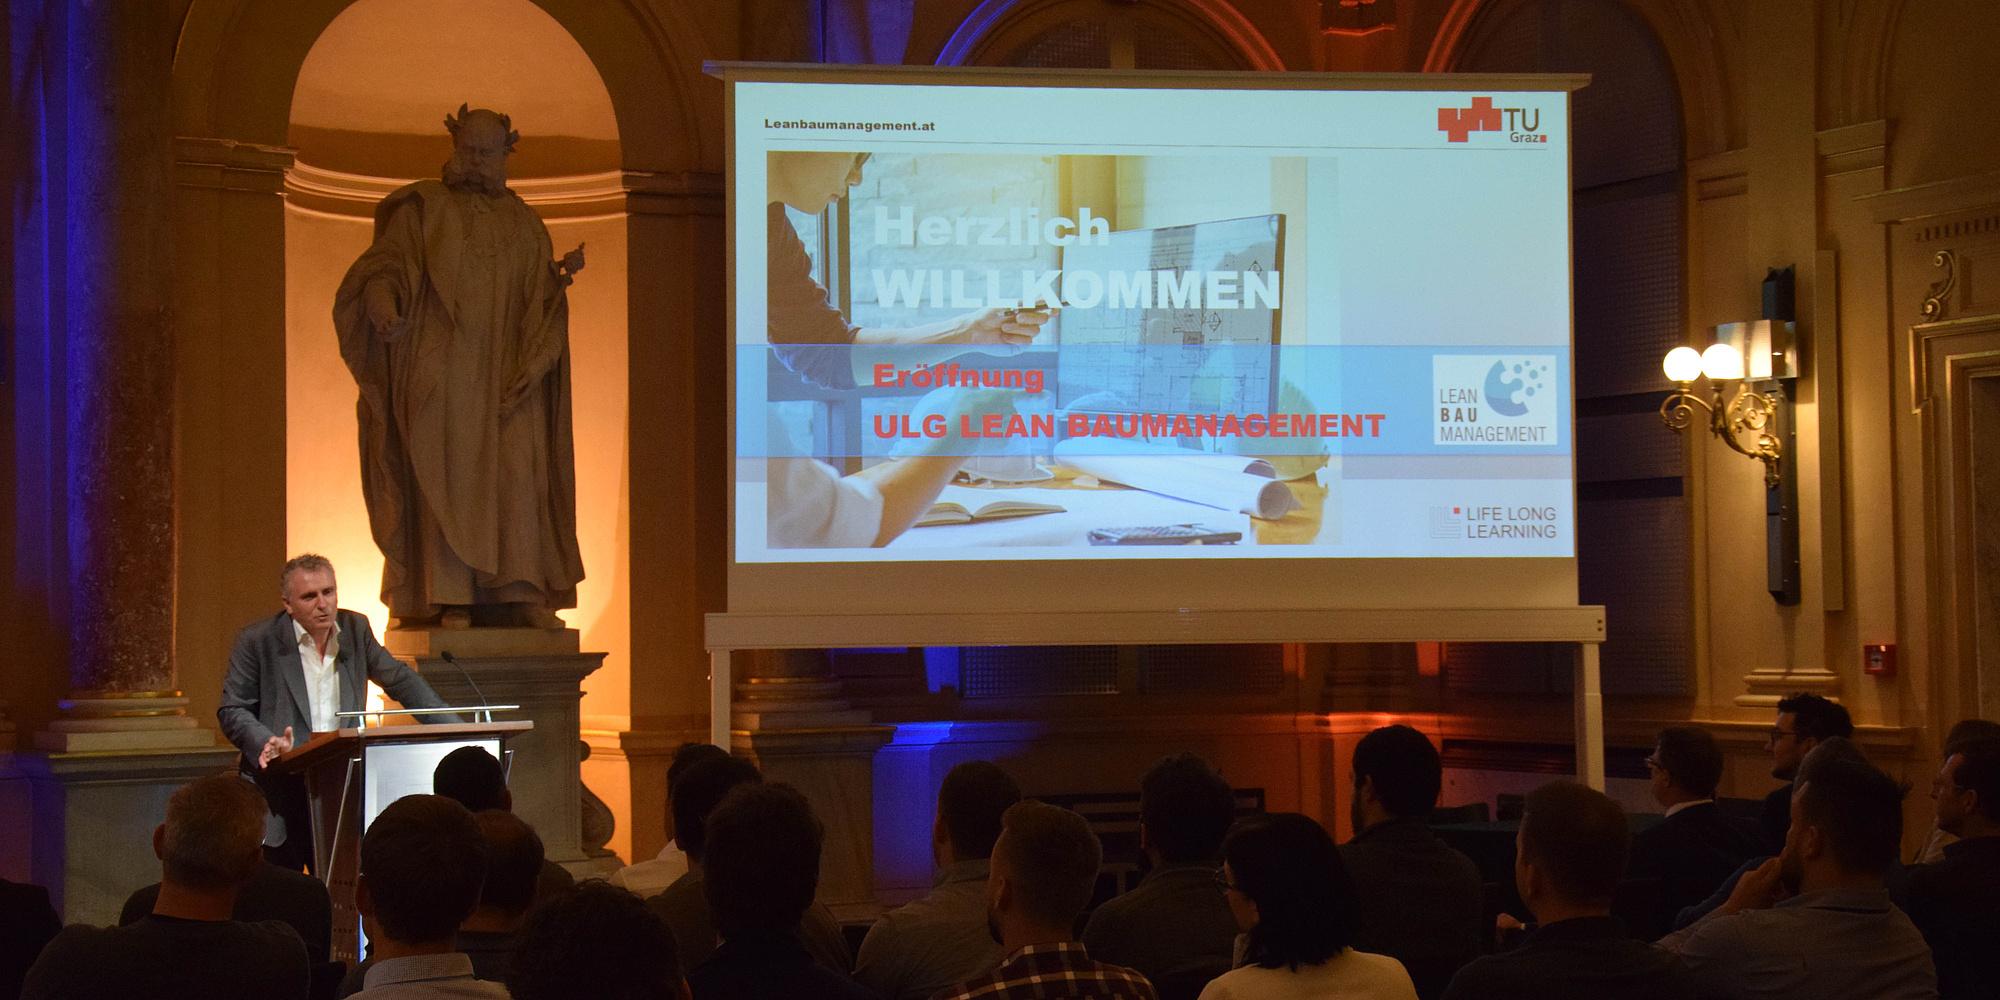 Vortrag in der Aula der TU Graz